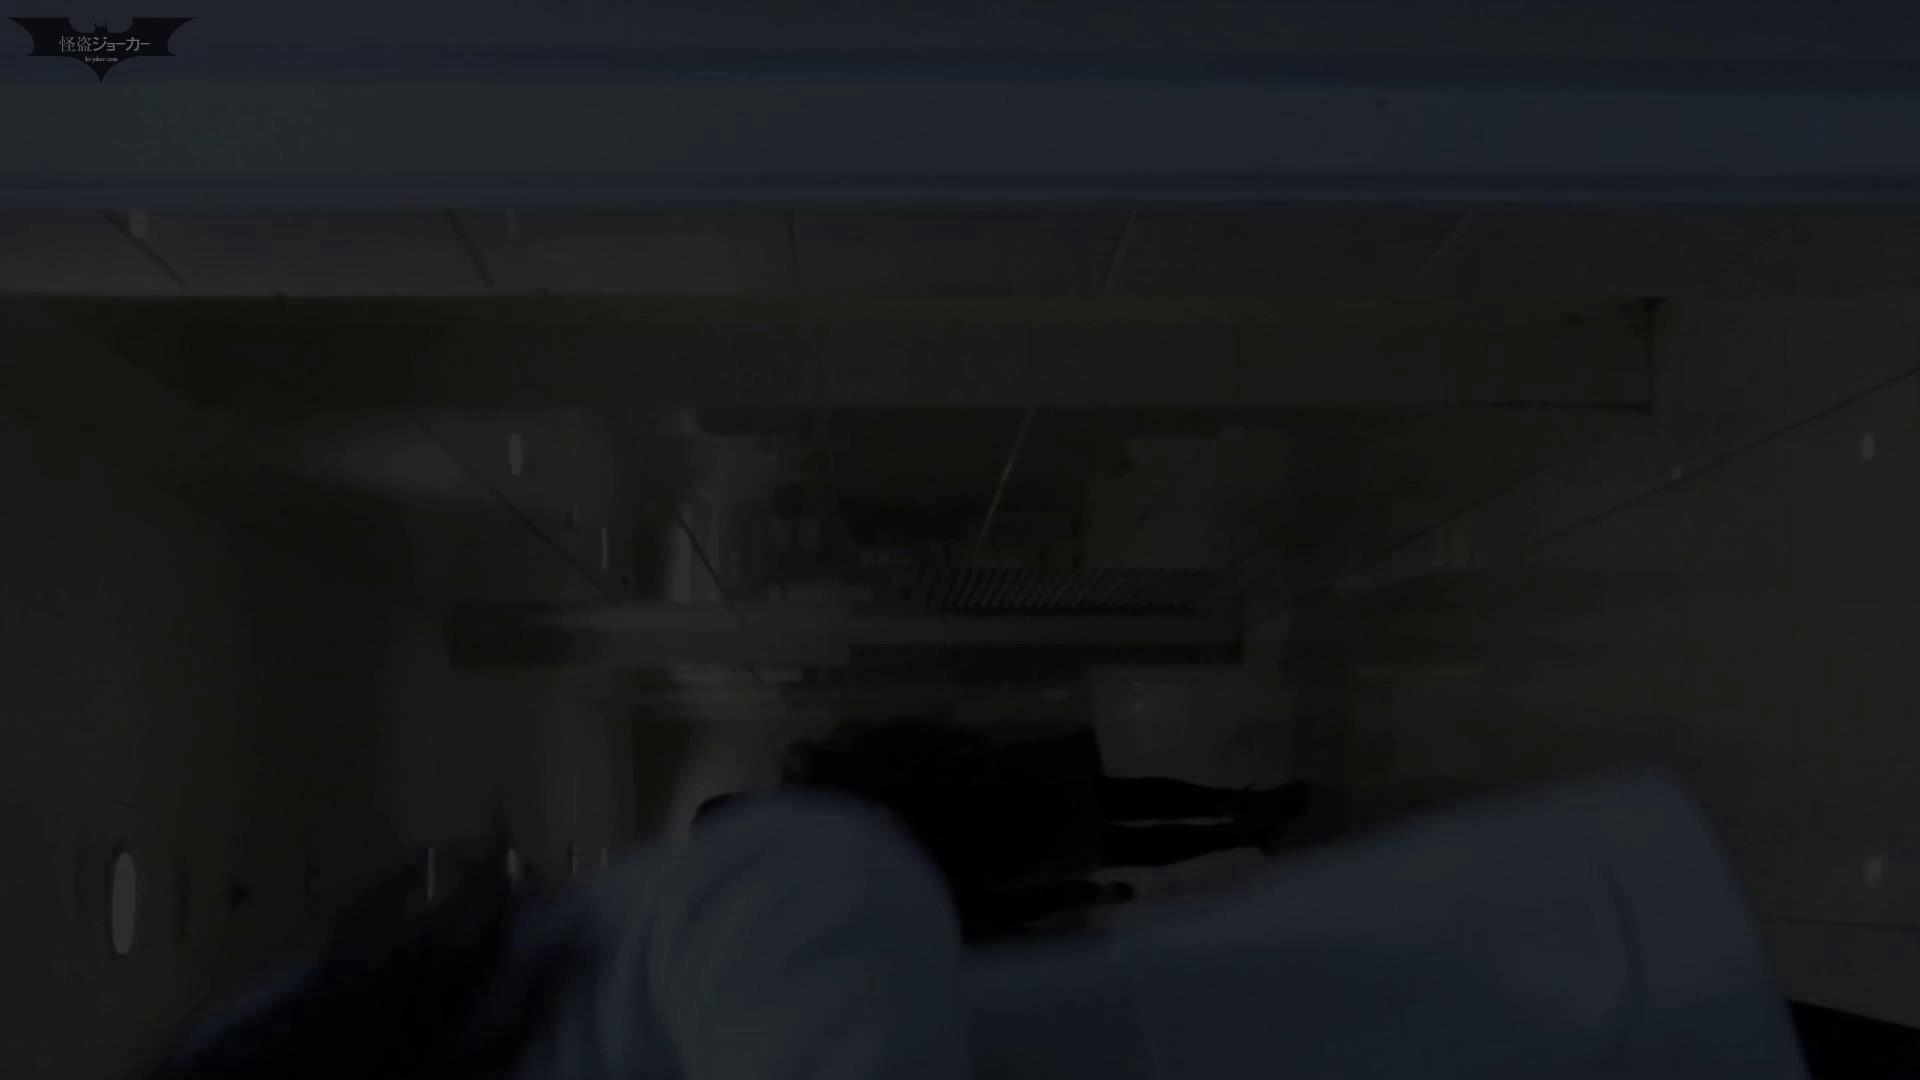 新世界の射窓 No64日本ギャル登場か?ハイヒール大特集! 洗面所着替え   ギャル・コレクション  95連発 92